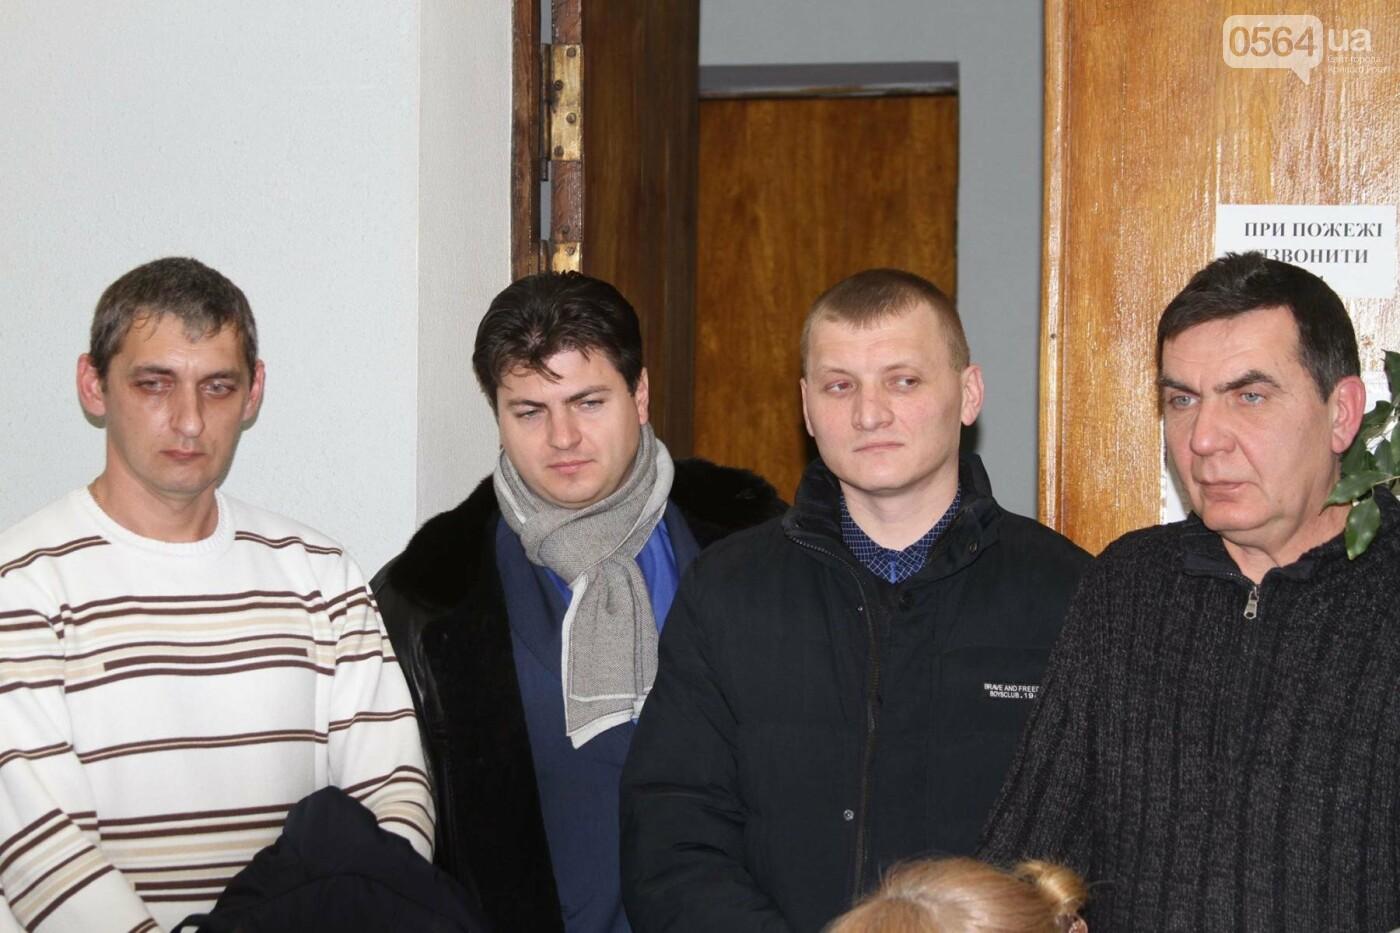 Криворожские депутаты из комиссии по этике и дисциплине со второй попытки не смогли собраться (ФОТО), фото-9